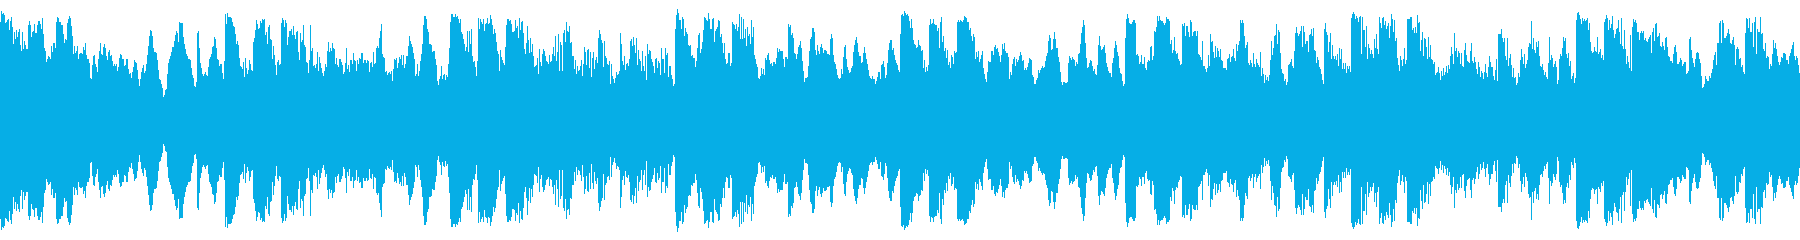 明るく繊細で柔らかなサウンドの再生済みの波形